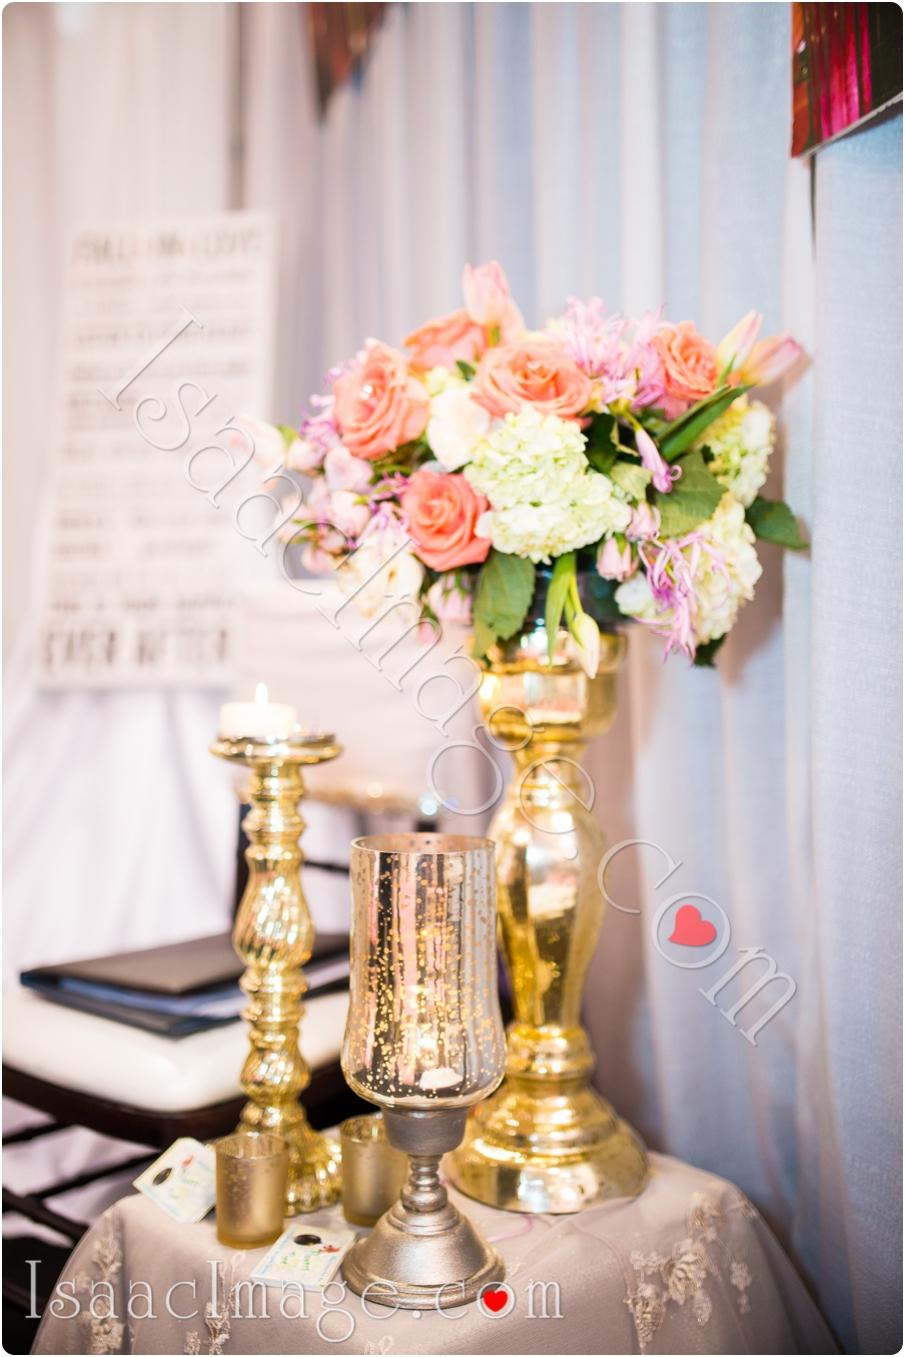 _IIX2529_canadas bridal show isaacimage.jpg